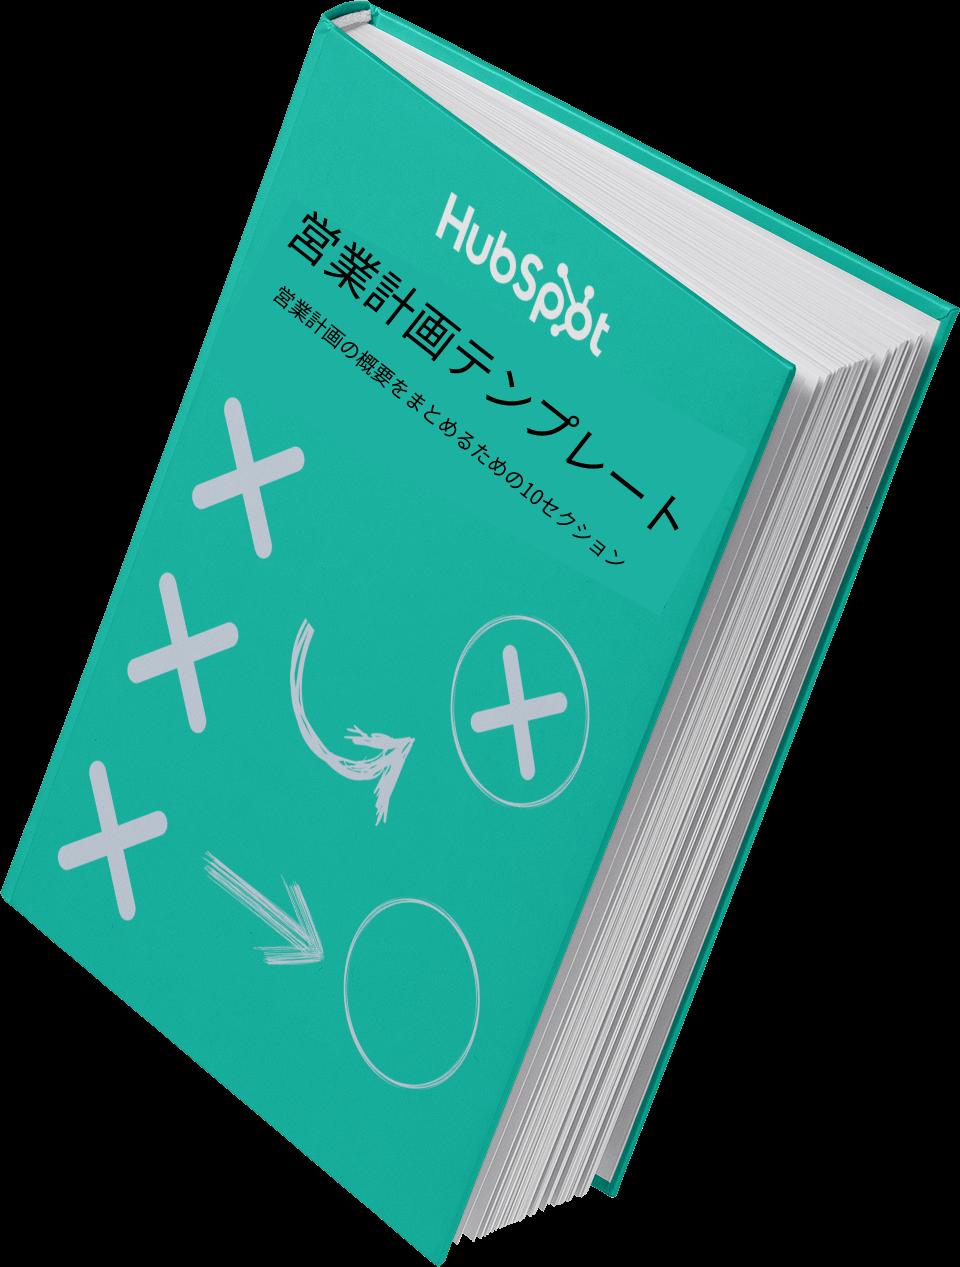 営業計画作成ガイド【すぐに使える無料テンプレート付き】